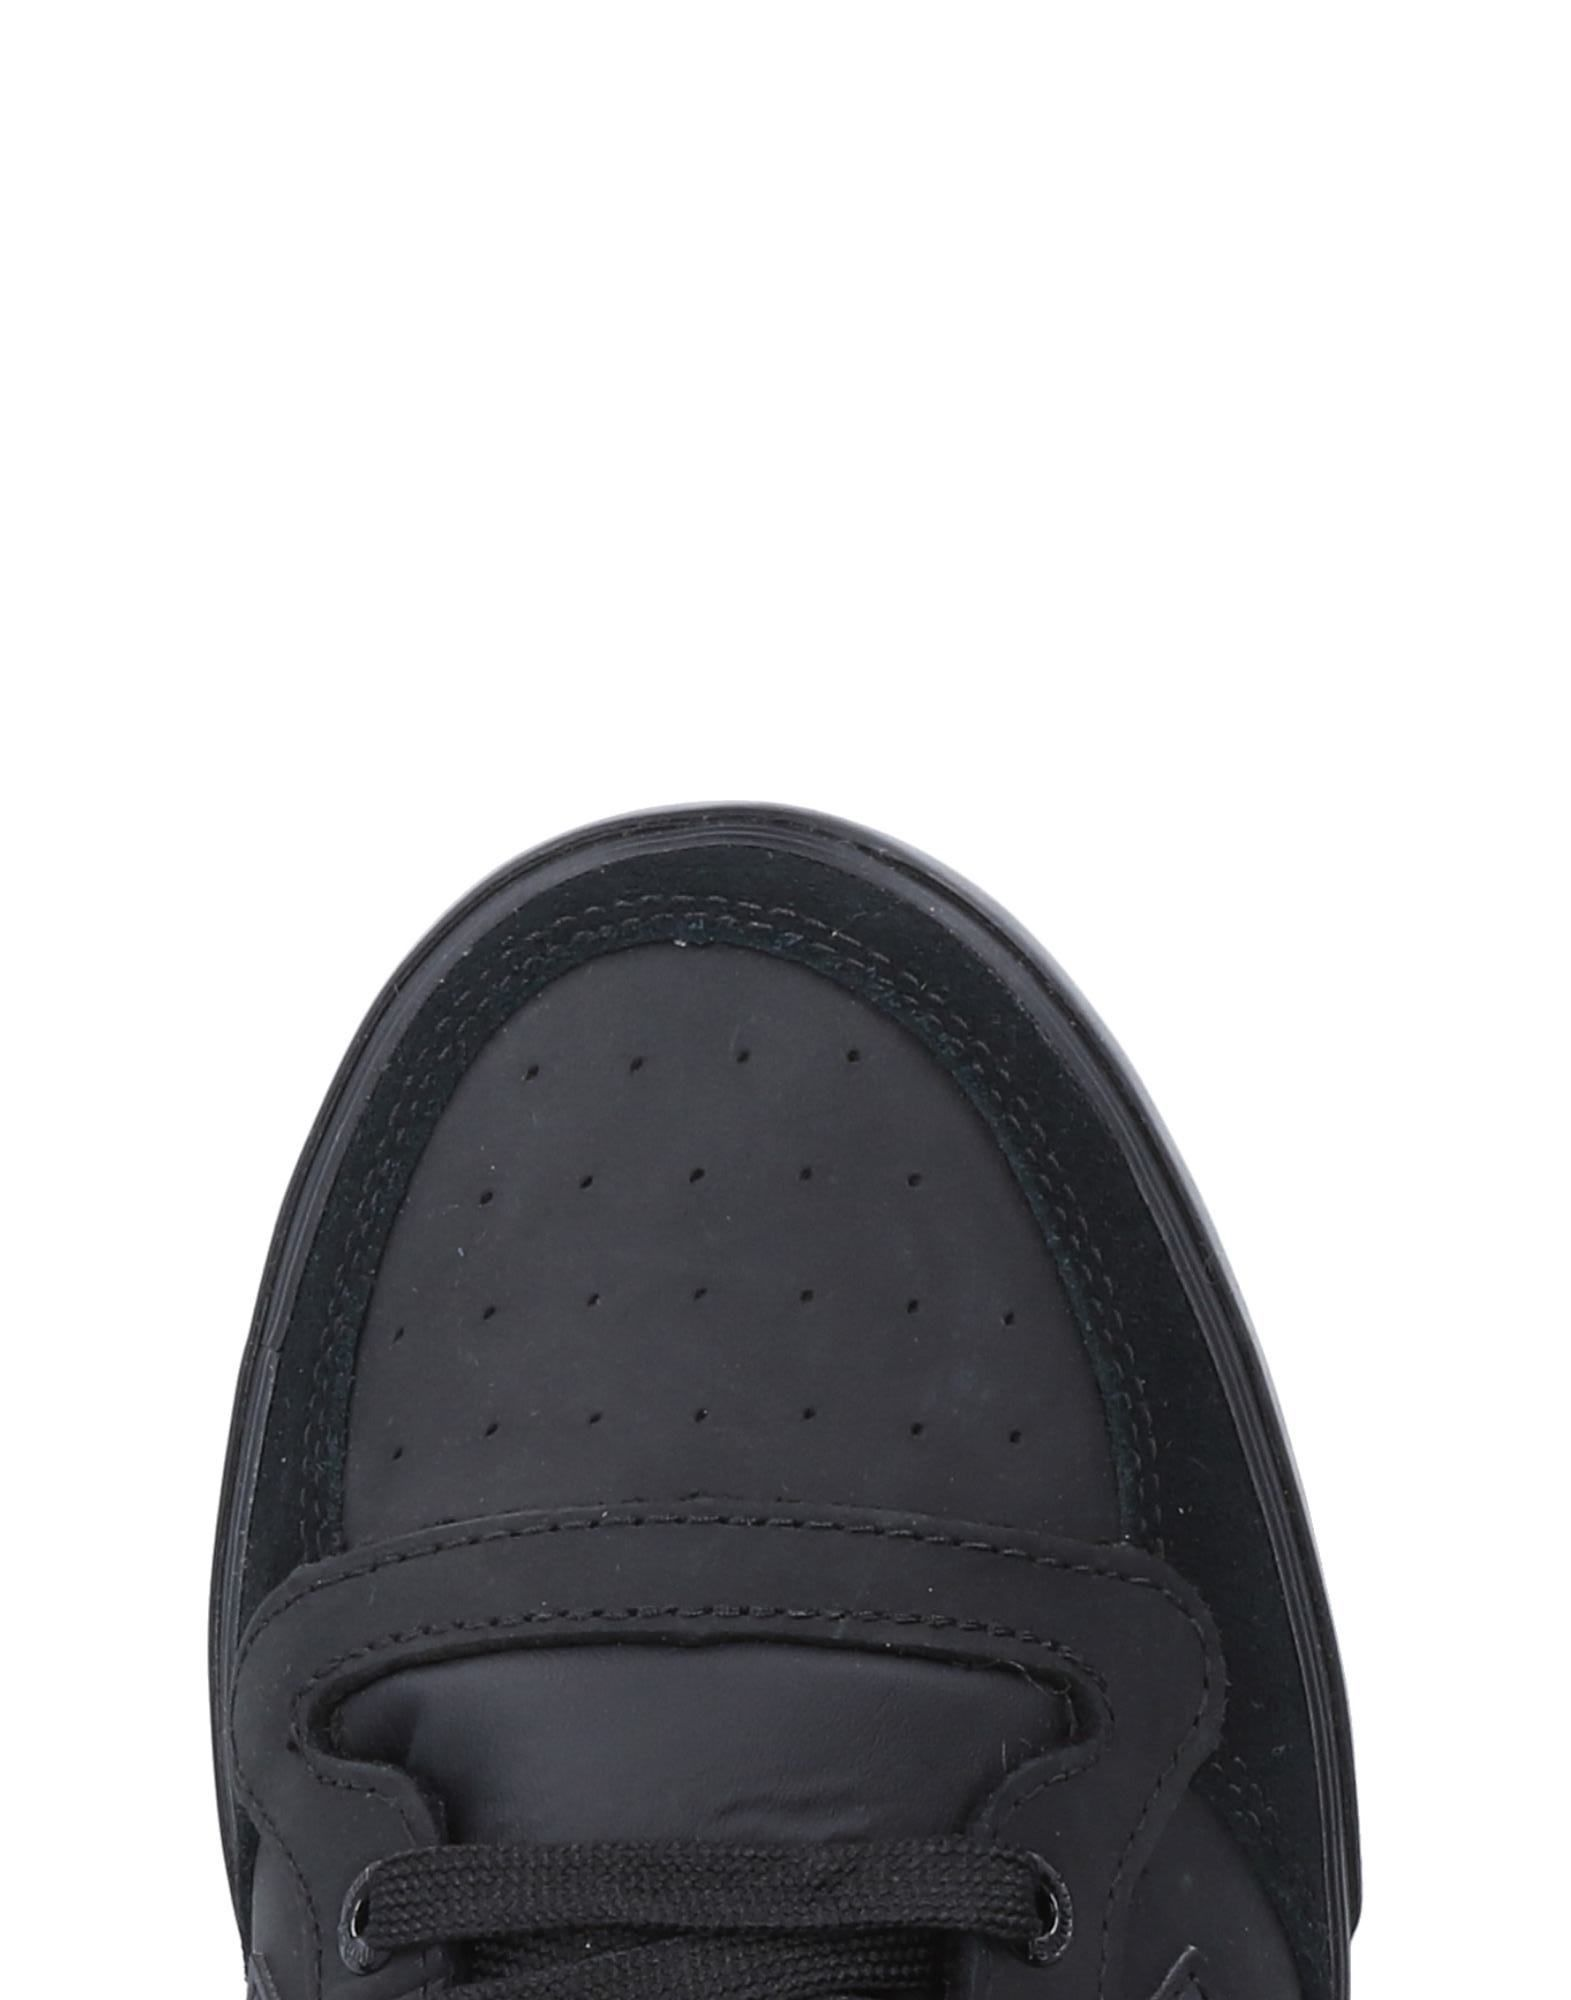 Hummel Sneakers Sneakers Hummel Herren  11520596UV 427270